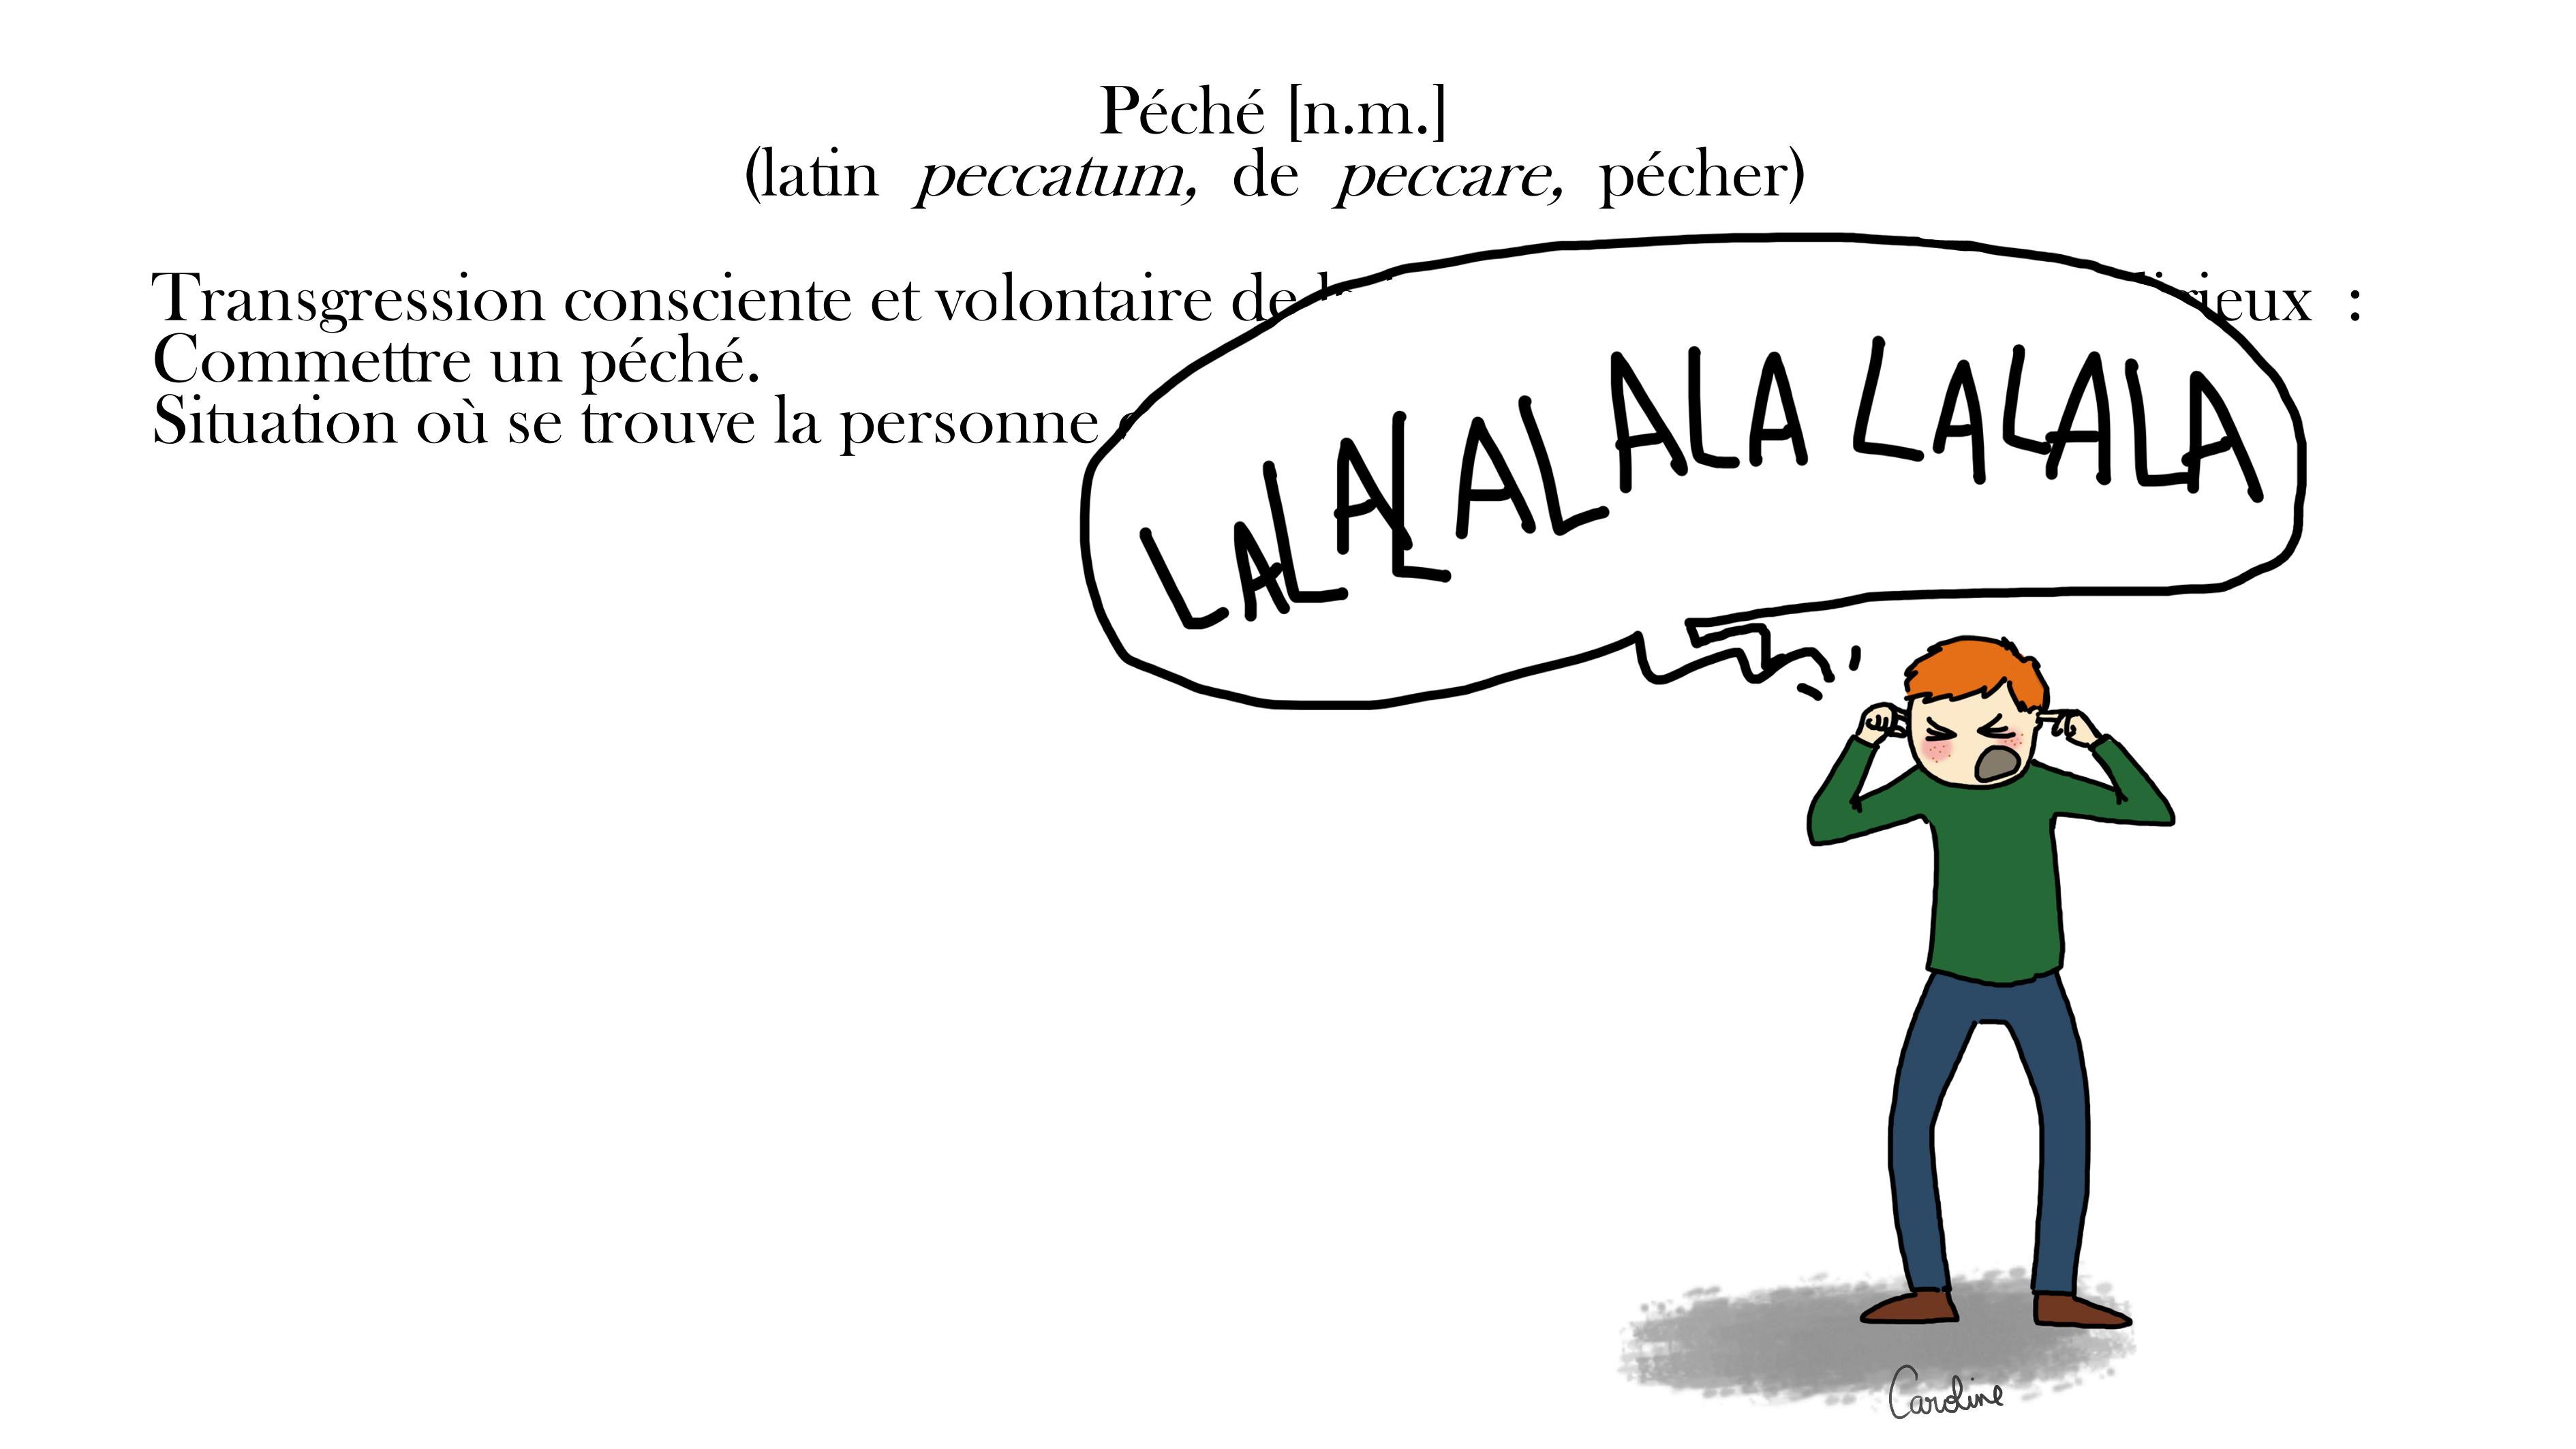 Faut-il éviter de parler du péché ? JL-Caro_Faut-il_e%CC%81viter_de_parler_du_pe%CC%81che%CC%81_002